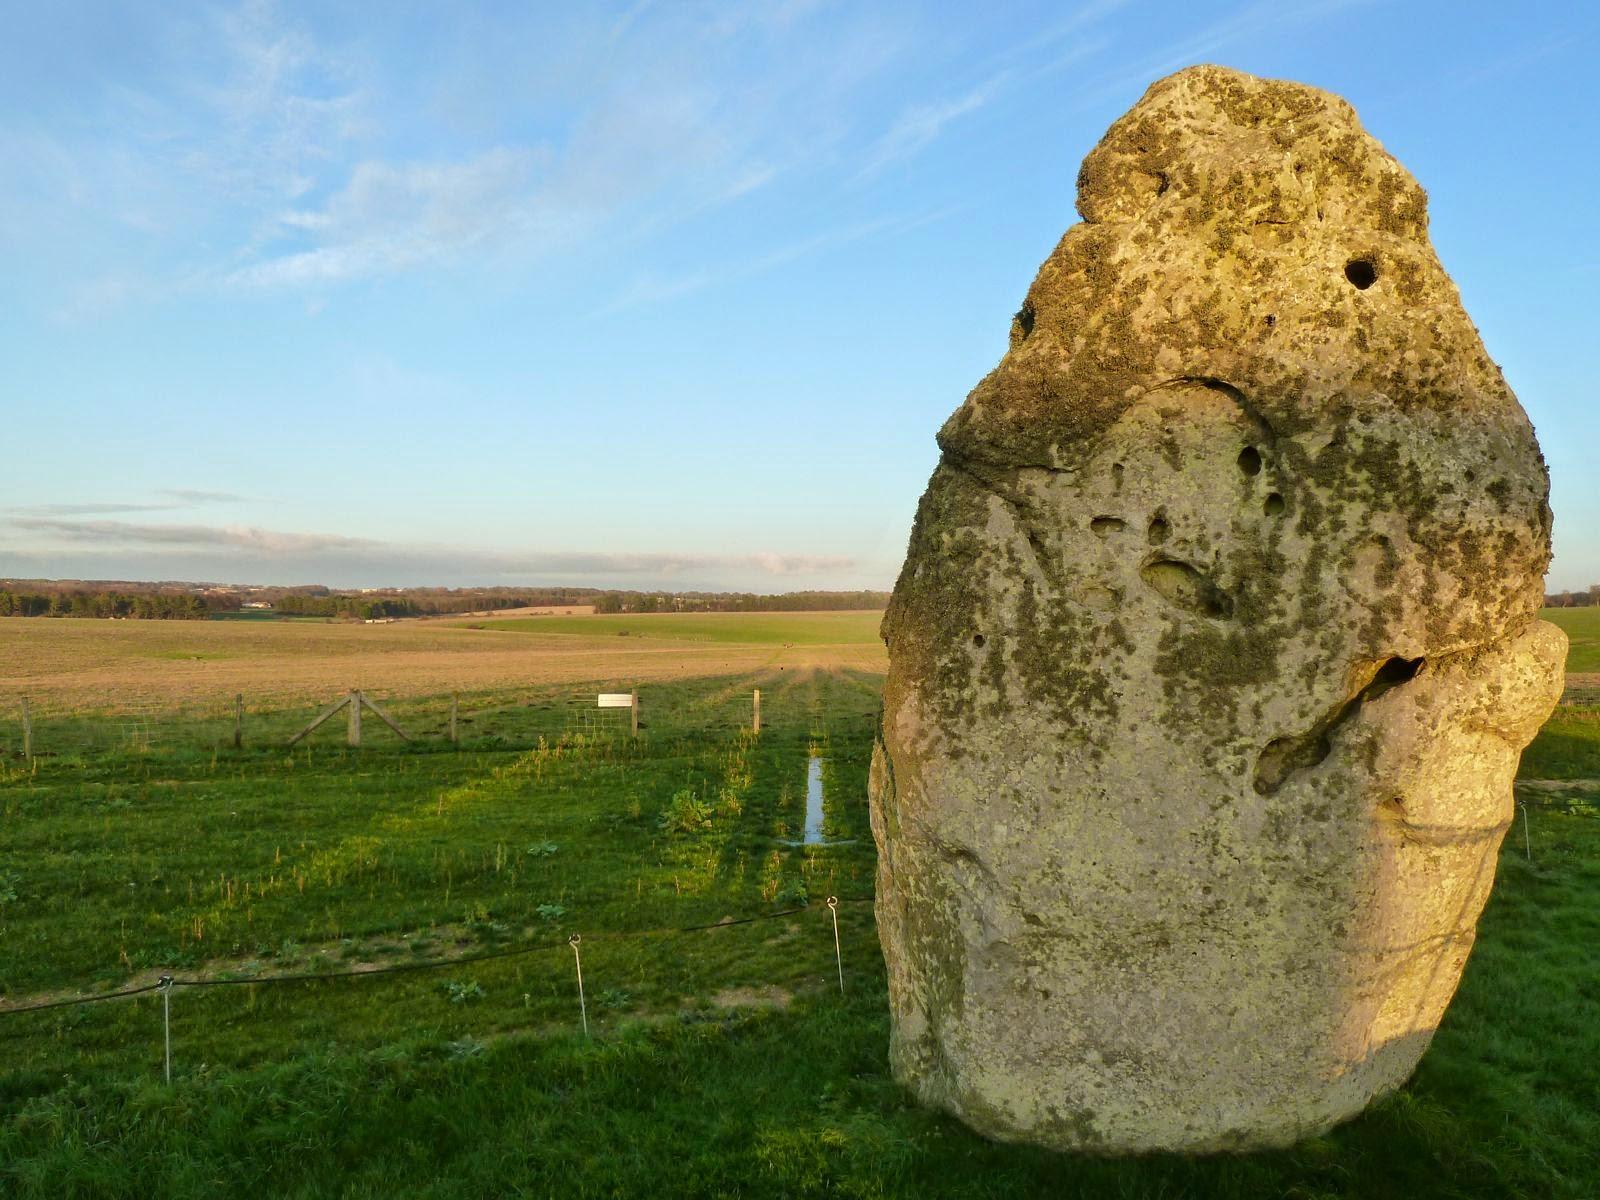 The Stones of Stonehenge: The Heel Stone (Stone 96)